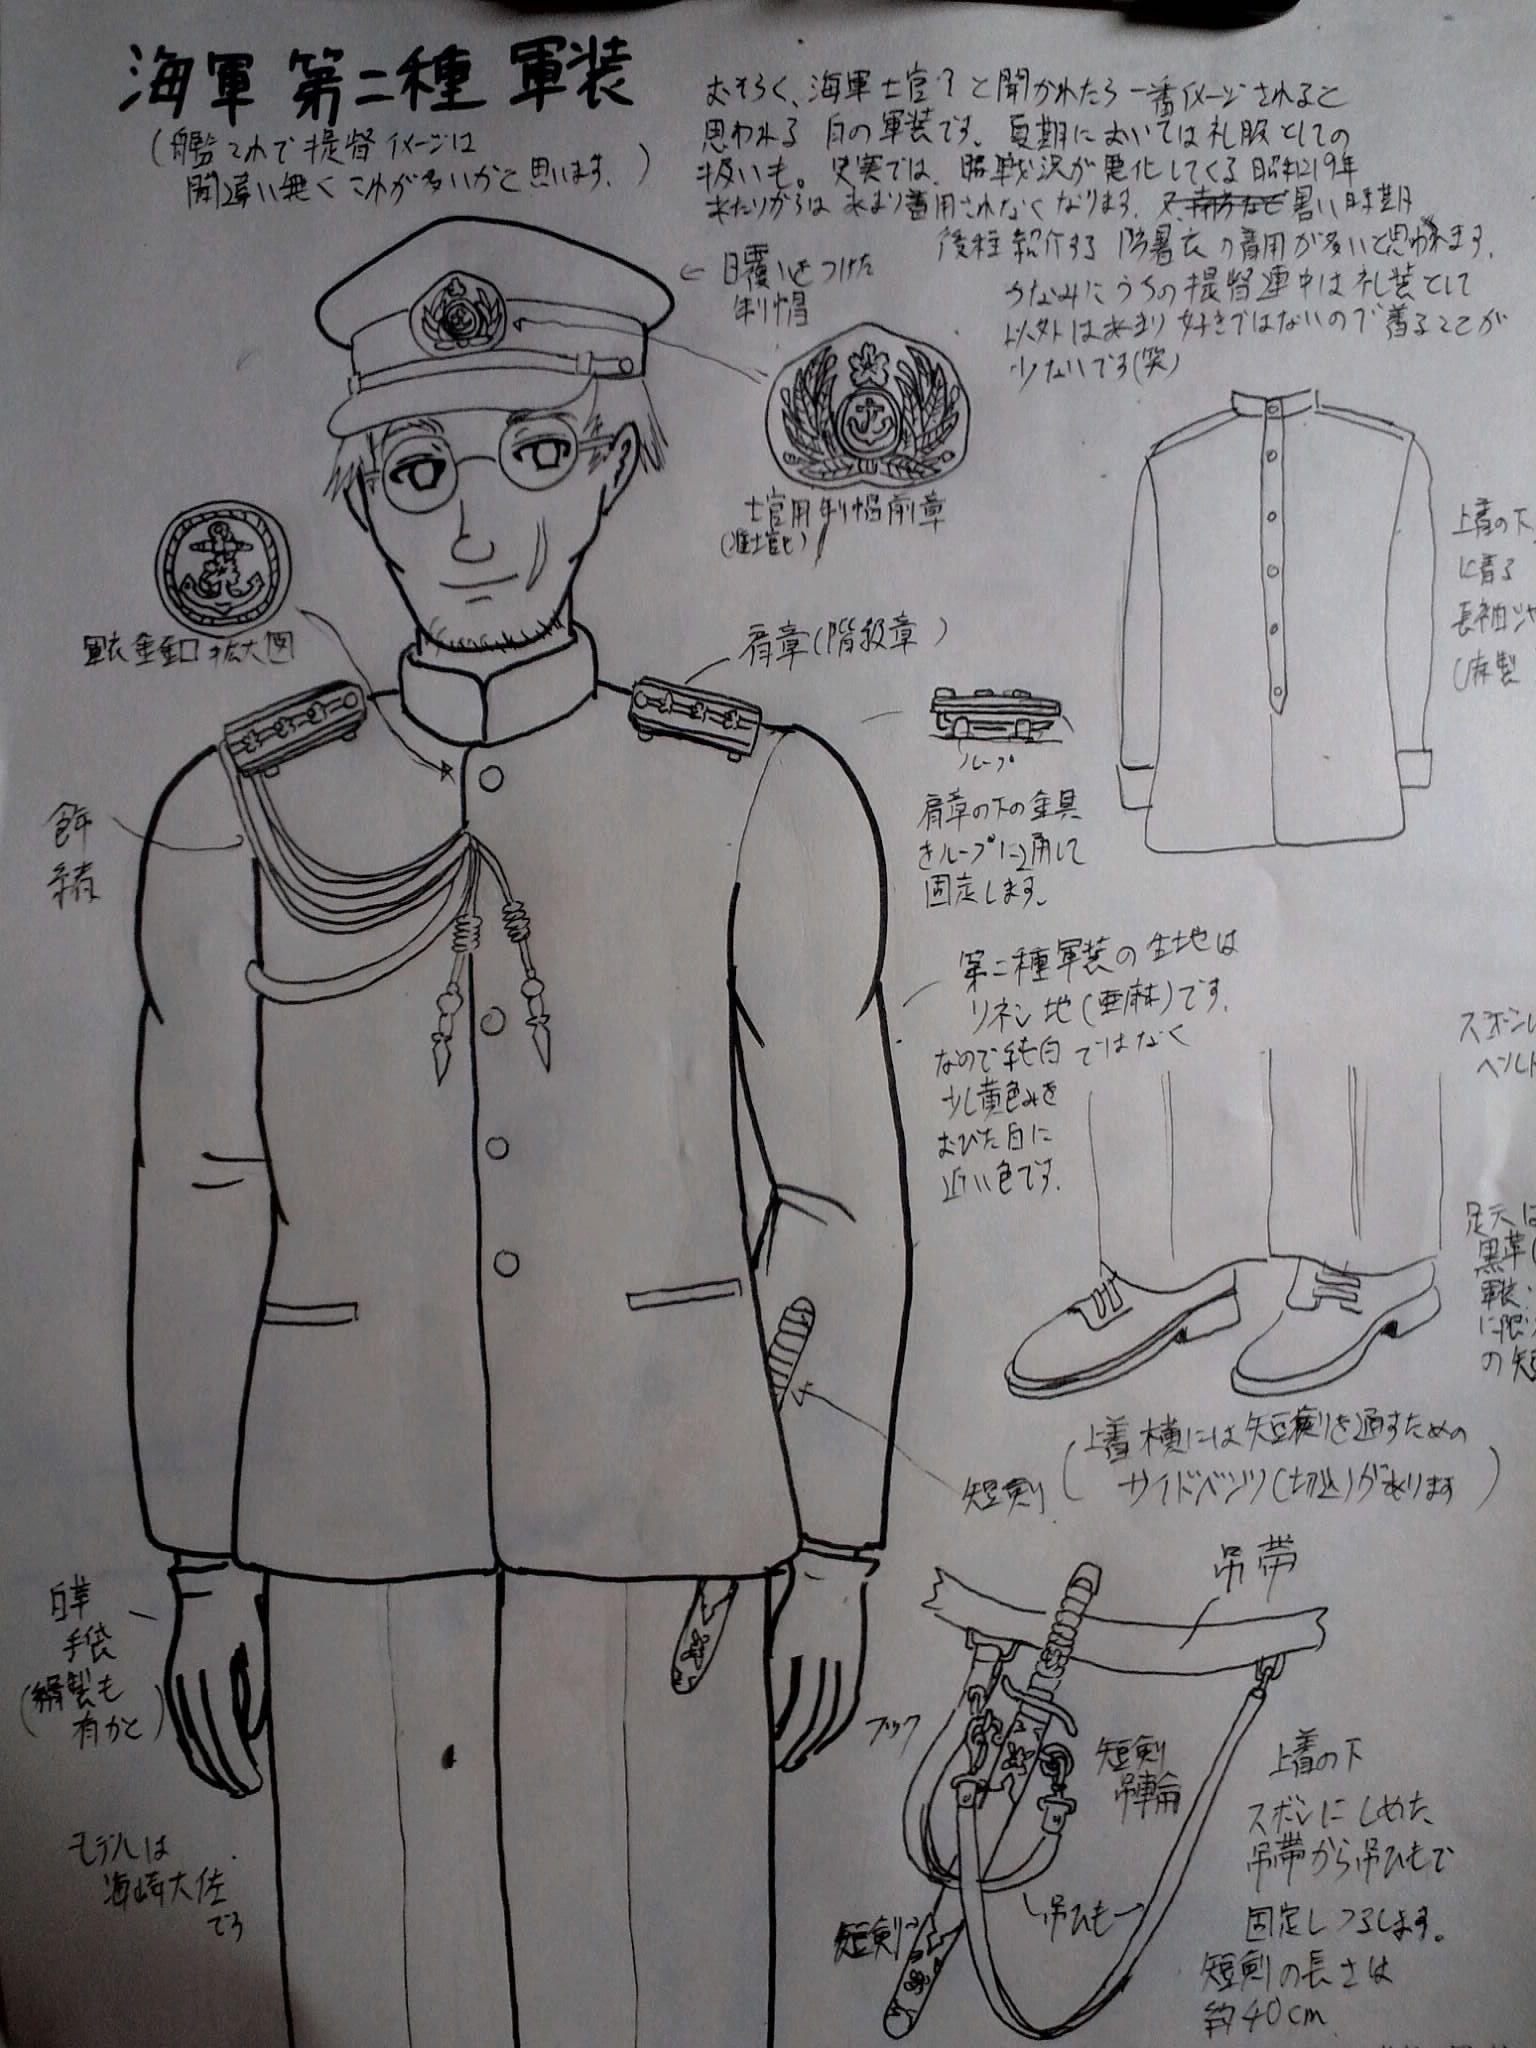 原稿 海軍第二種軍装